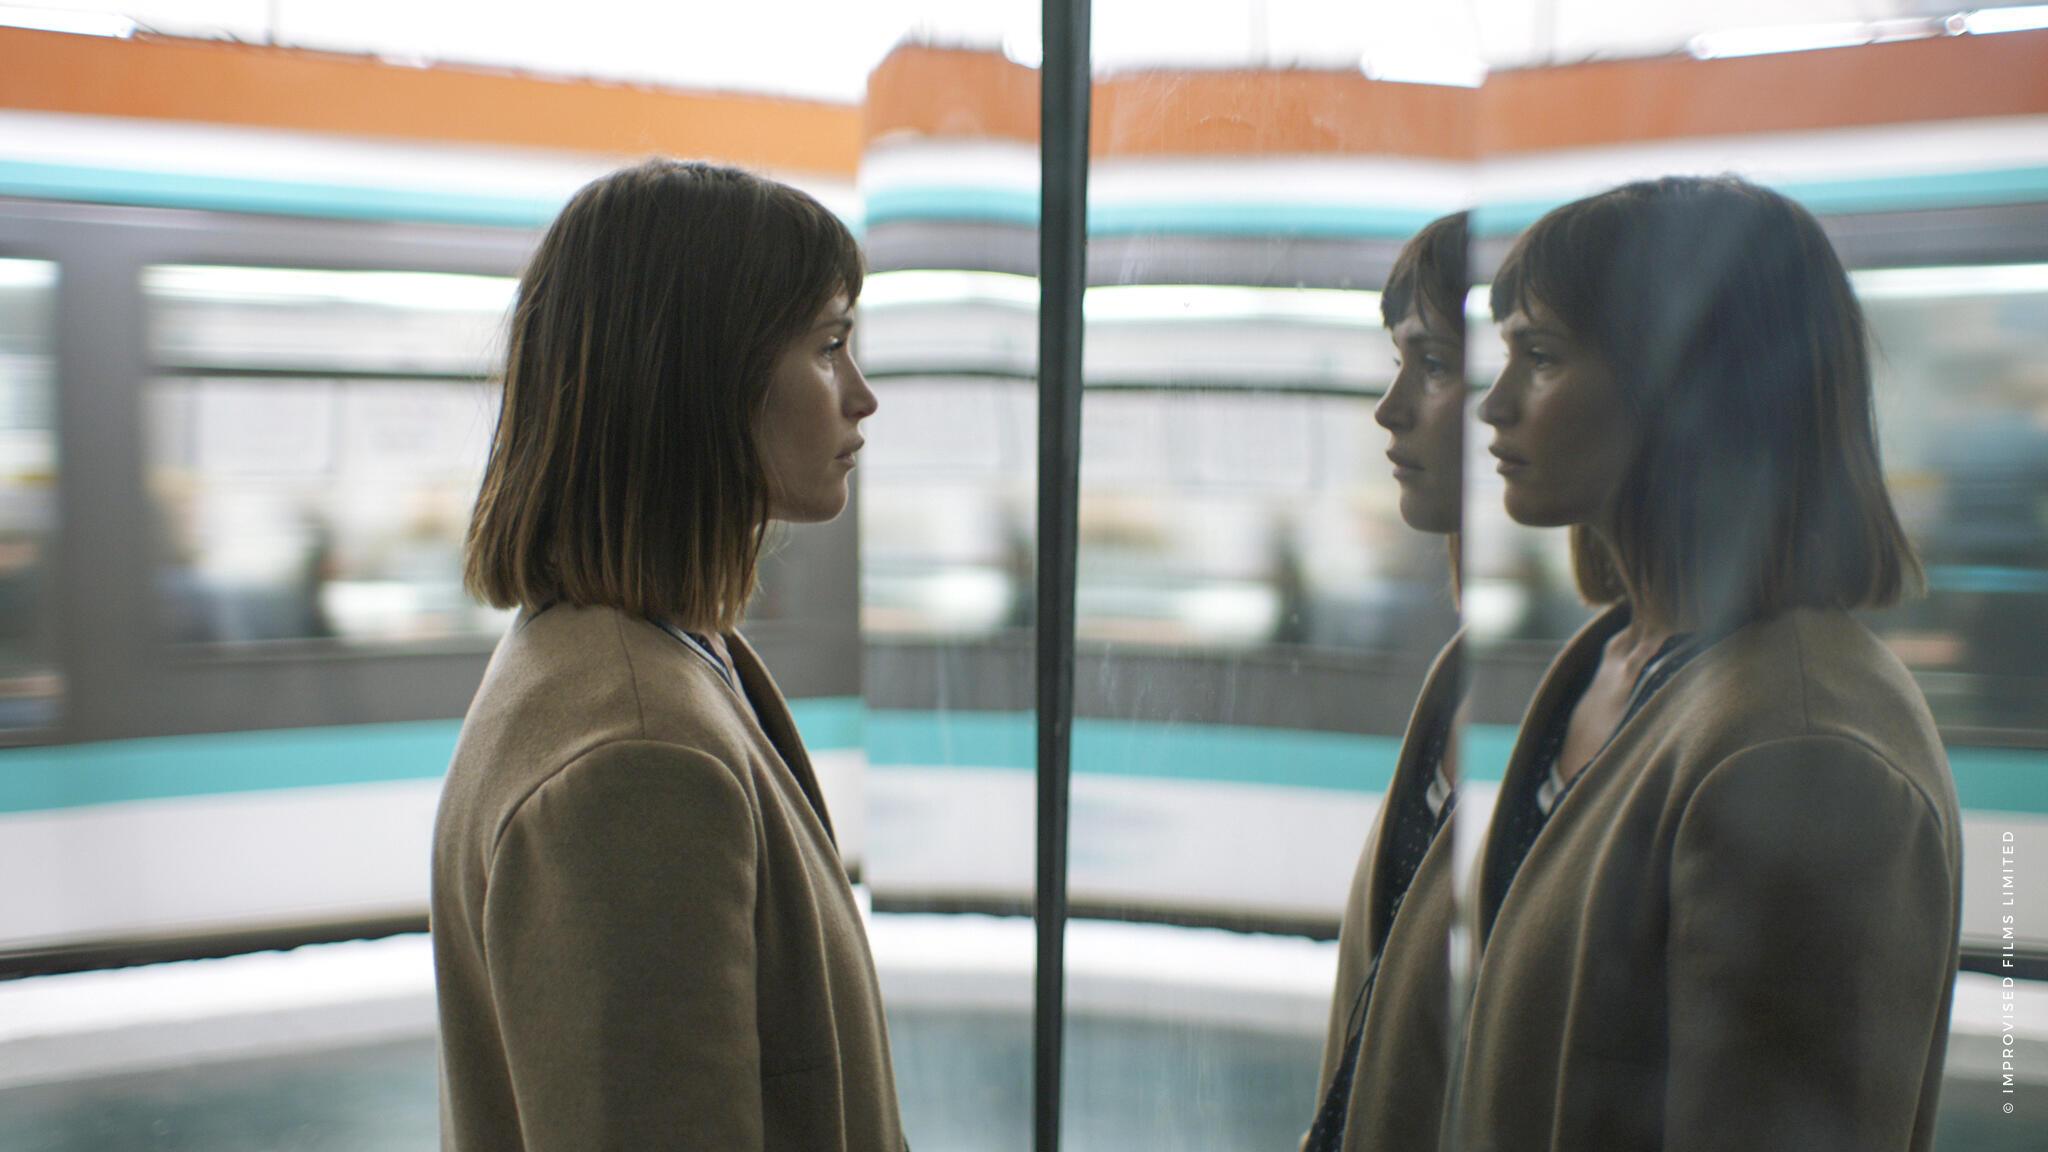 Gemma Arterton plays Tara in The Escape (Une Femme Heureuse), 2018.